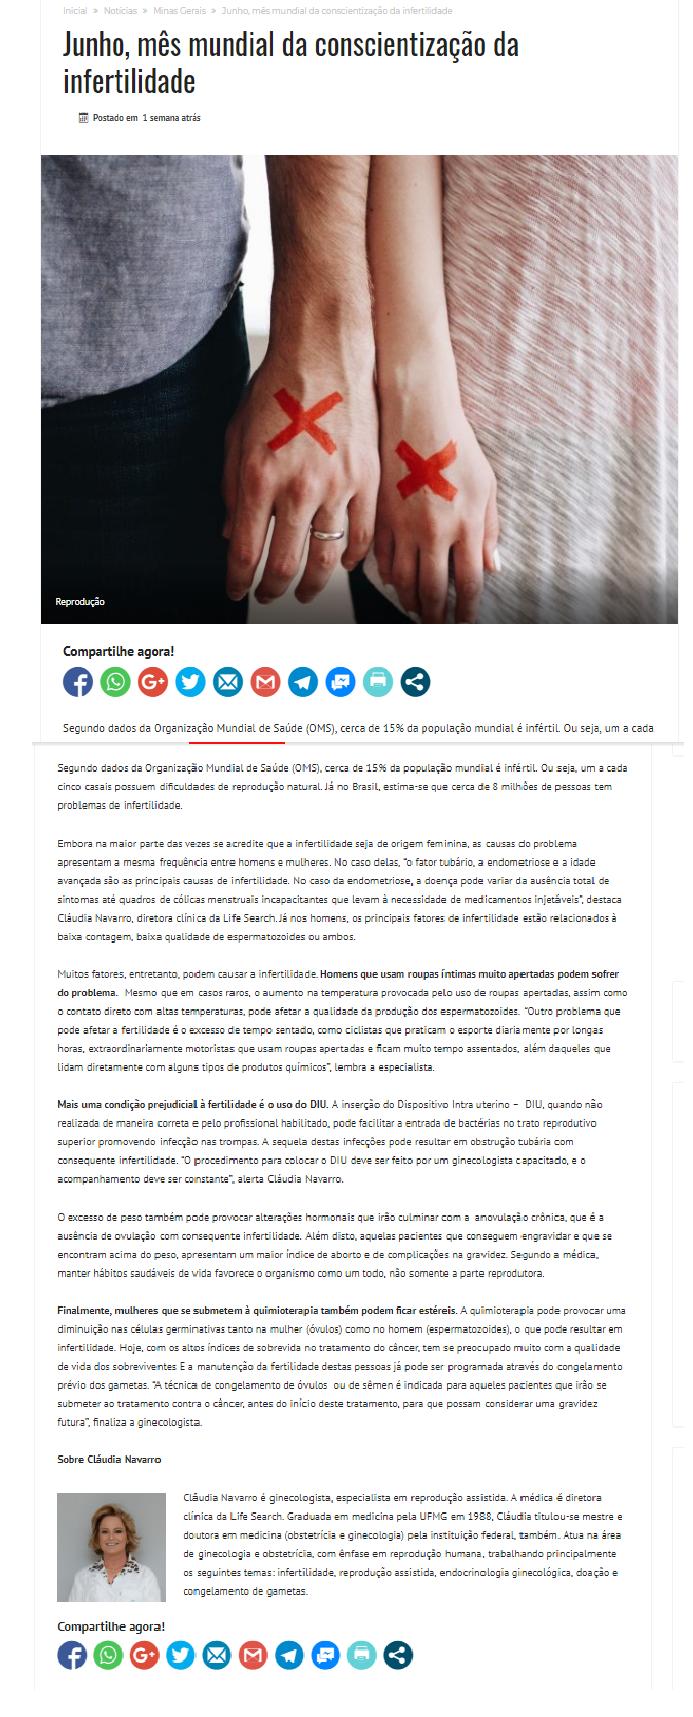 """Site """"Divulga Gerais"""" – Junho, mês mundial da conscientização da infertilidade"""